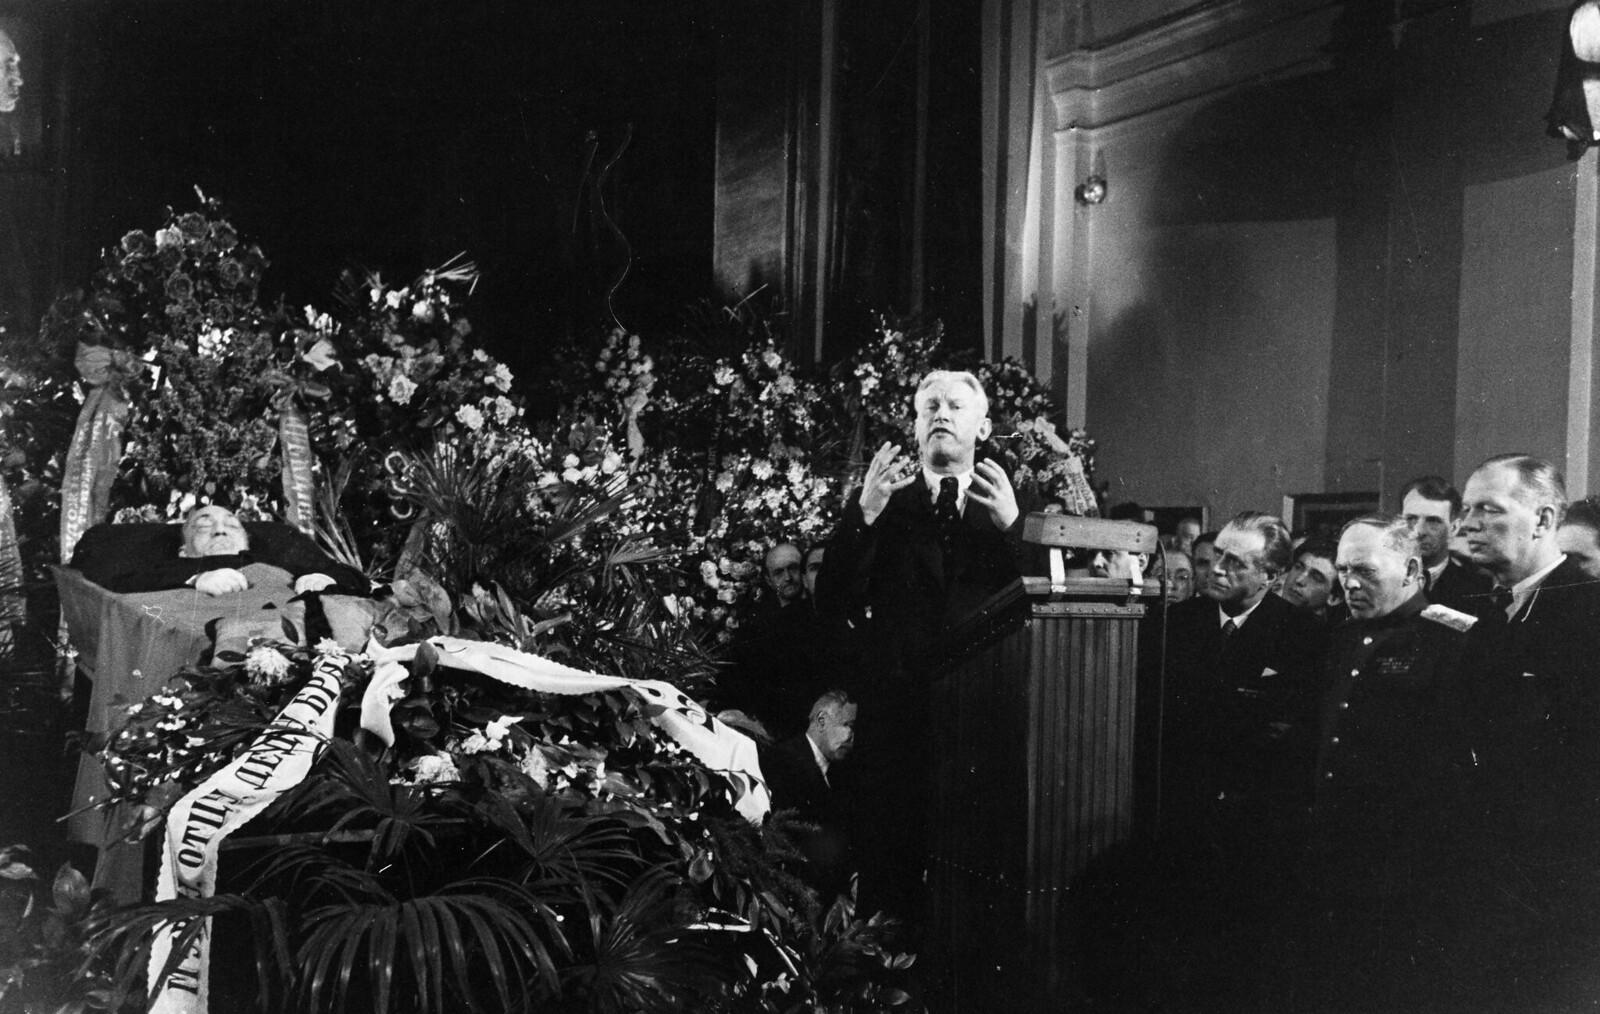 1948. Генеральный секретарь Союза писателей СССР Александр Фадеев выступает на похоронах Соломона Михоэлса